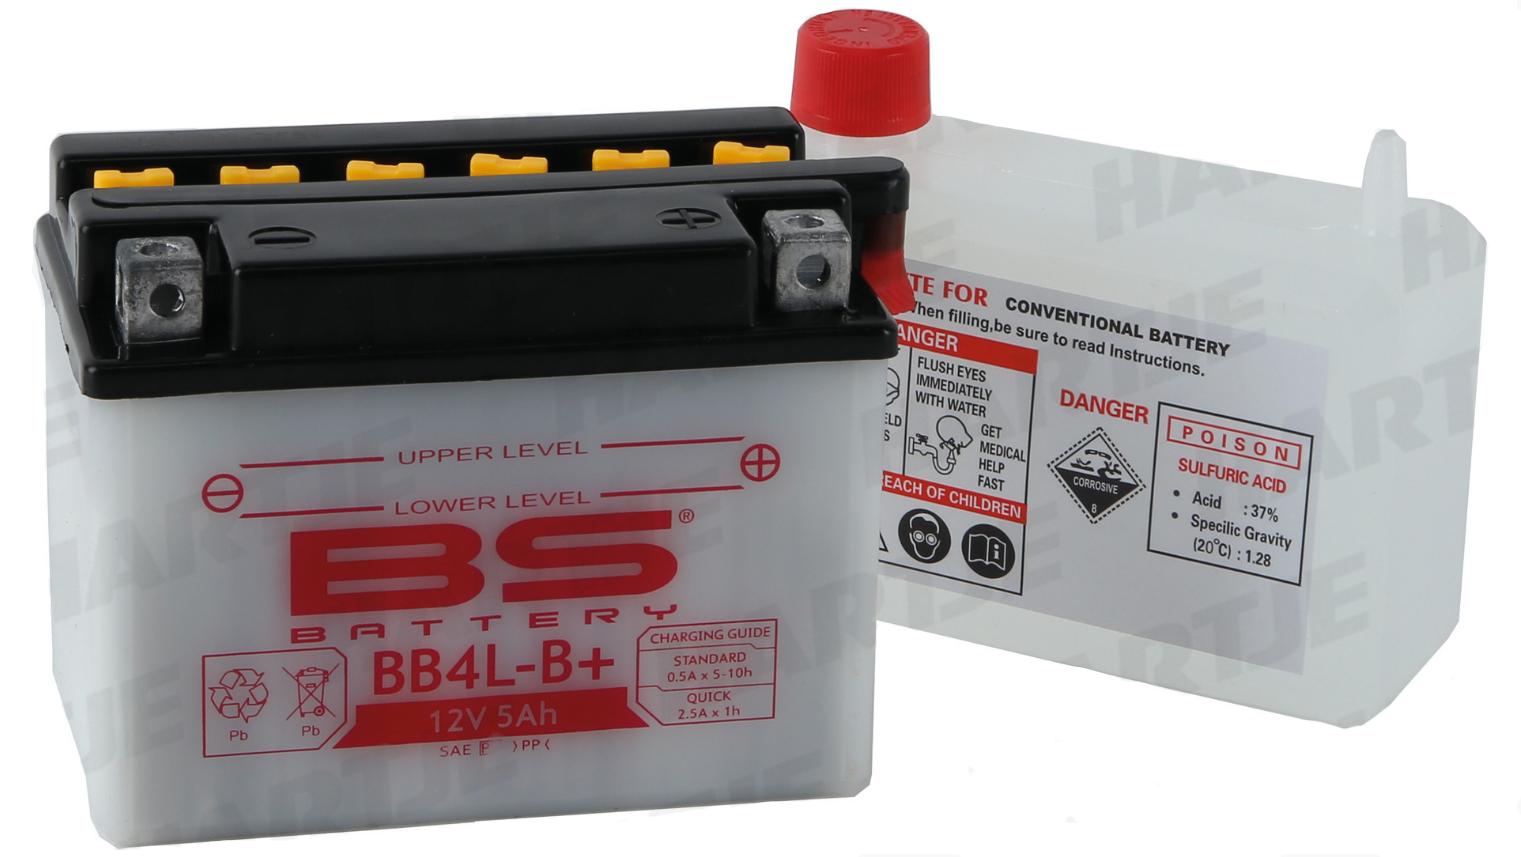 Batterie BB4L-B+ 12V 5Ah 0,29 Liter 05378039